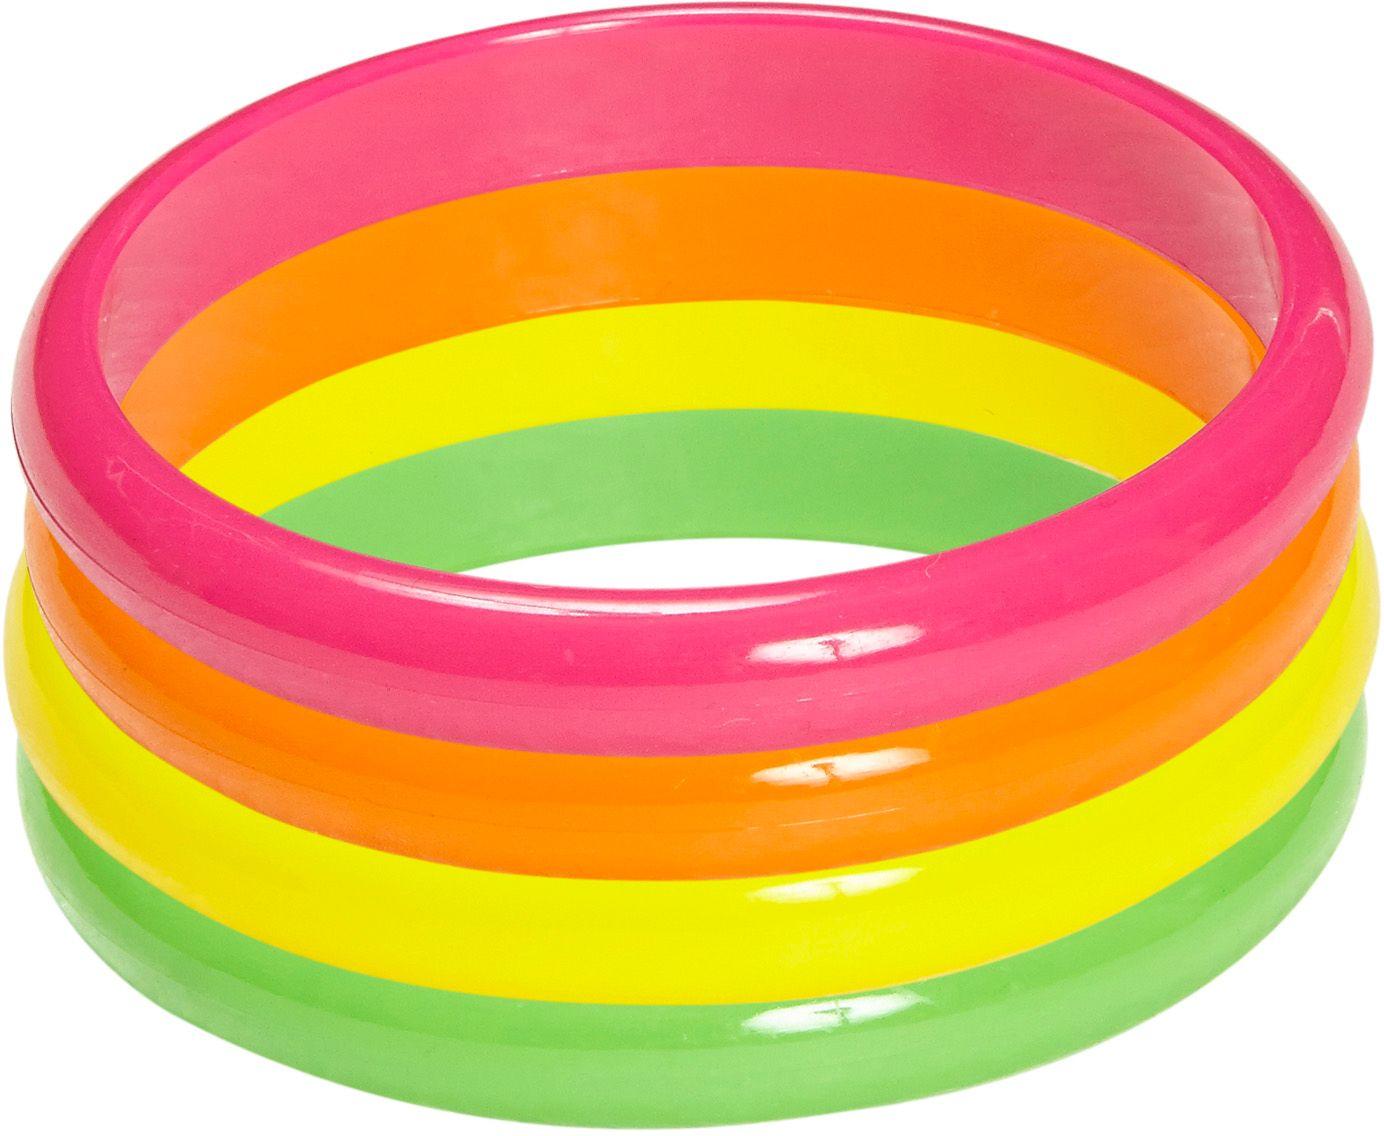 Neon armbanden 4 stuks